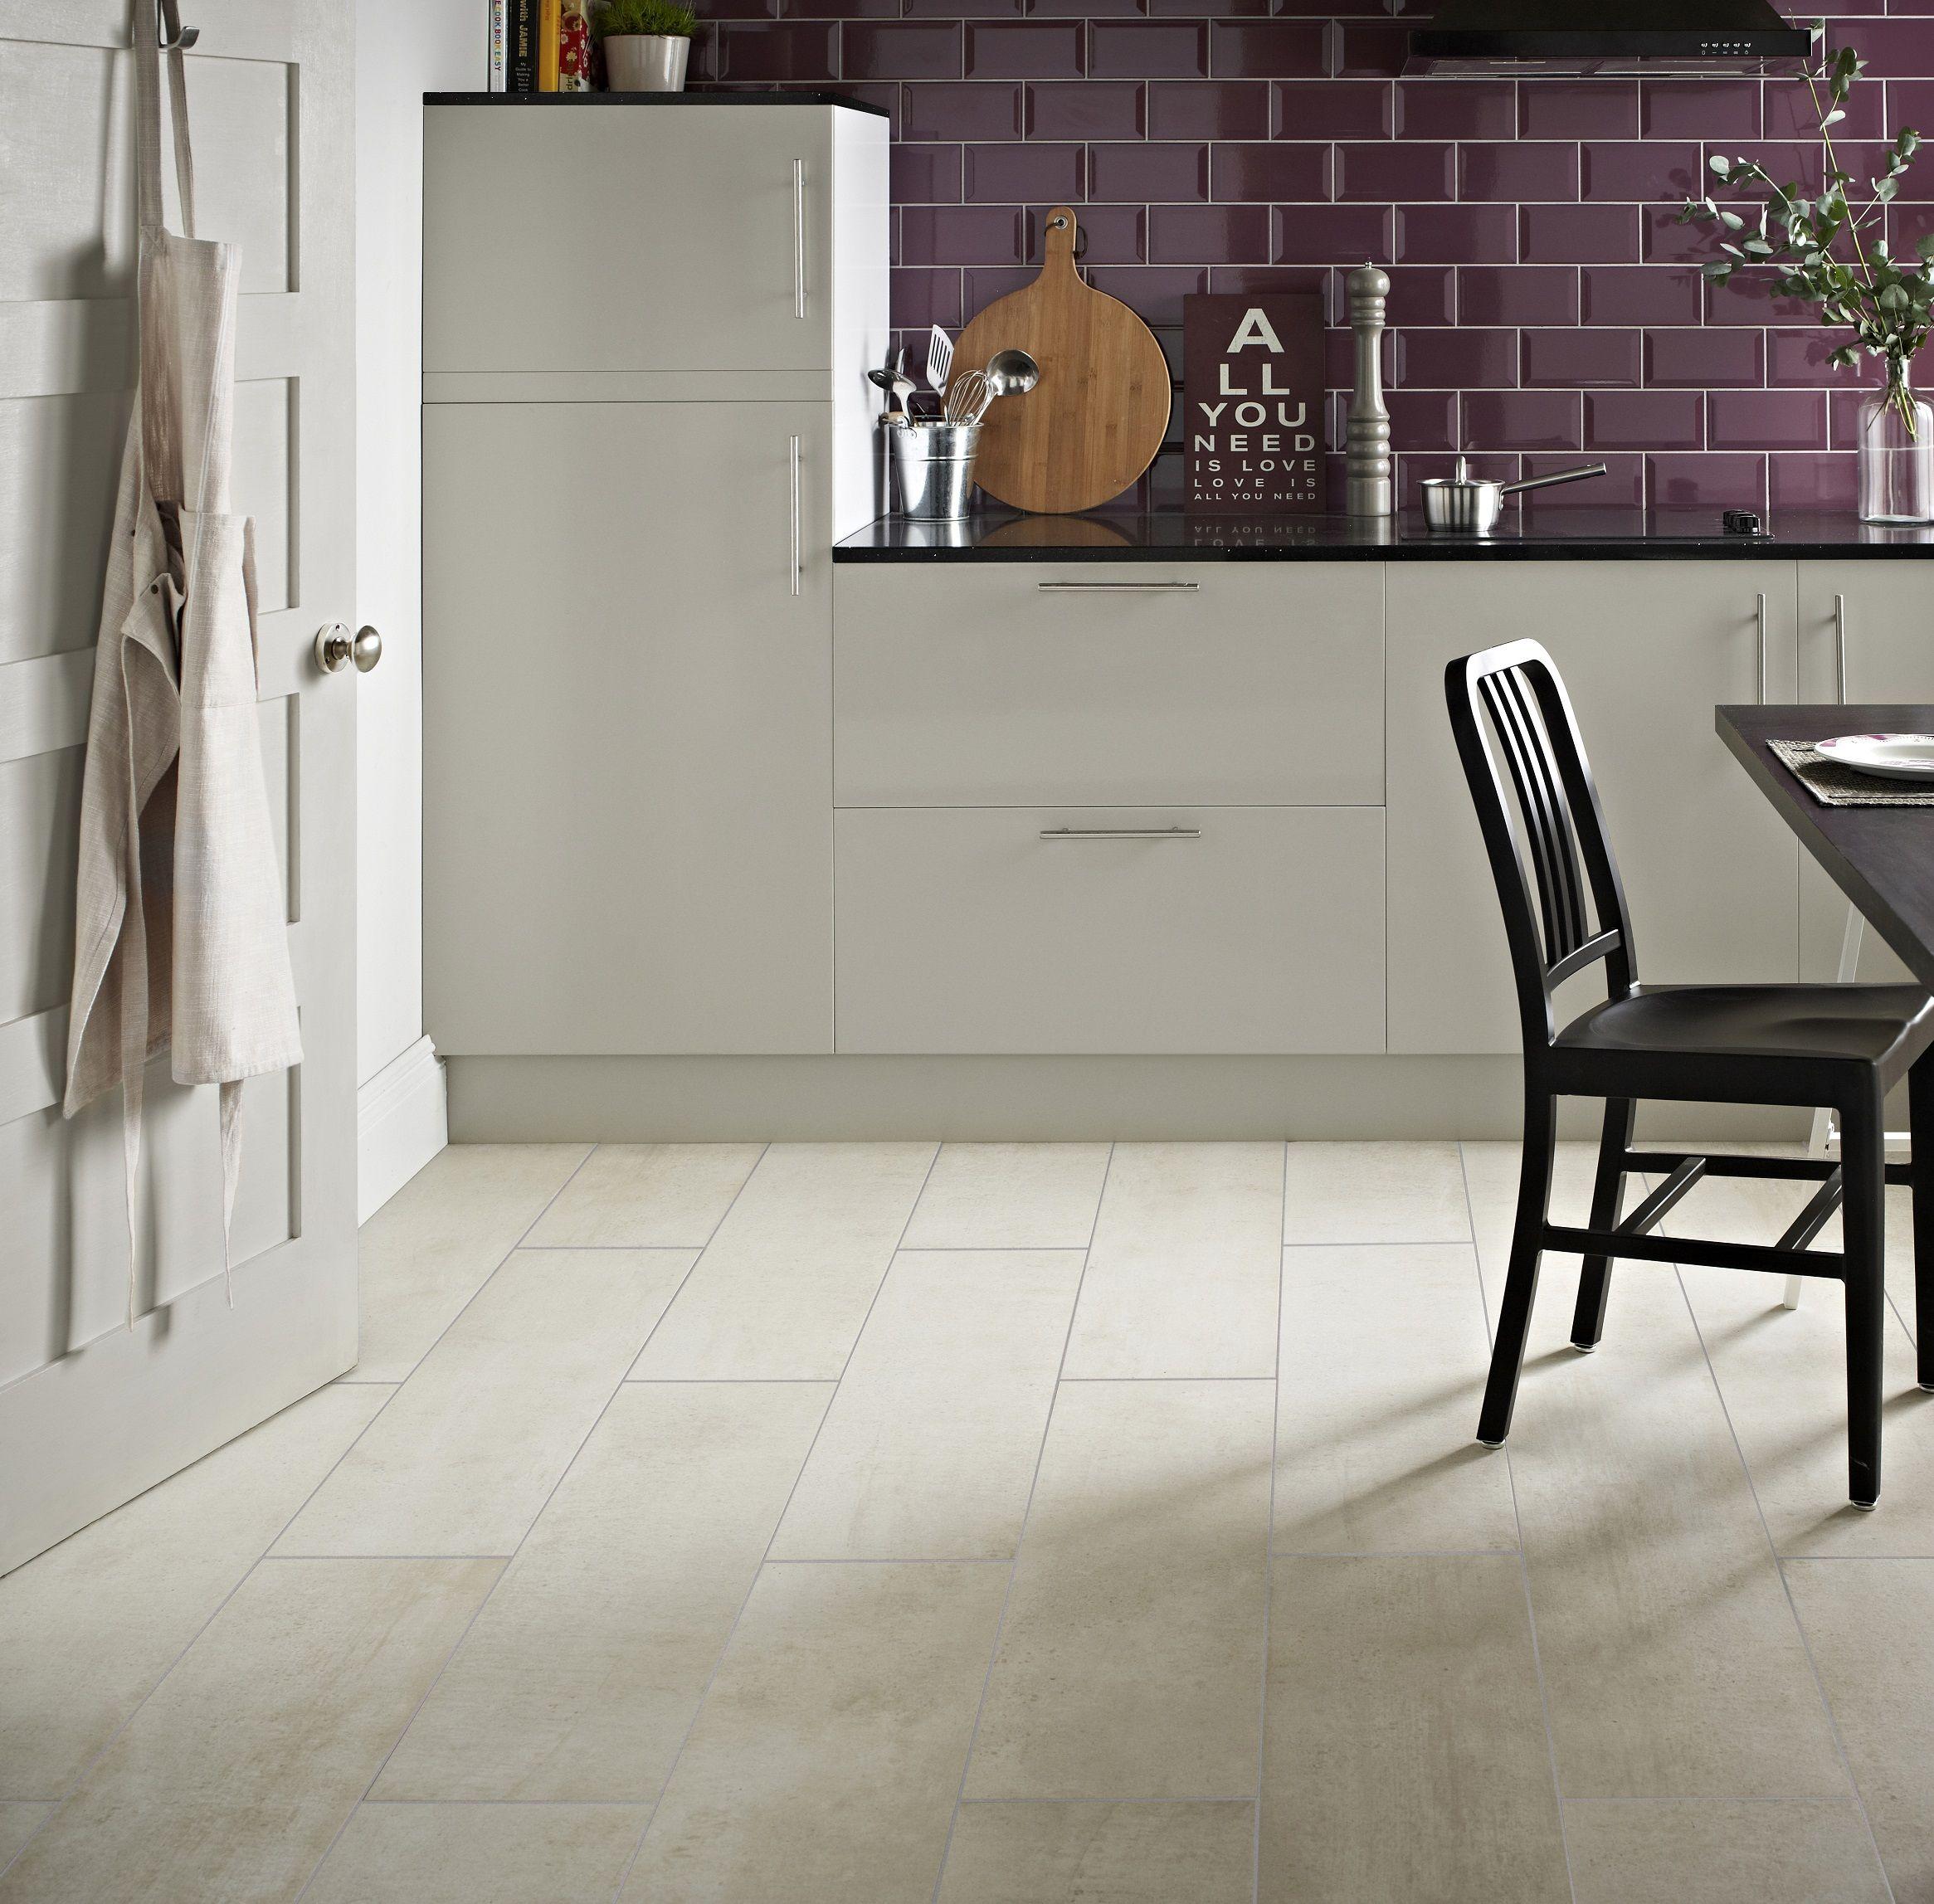 Concrete White Metro Plum White Tile Floor Tiles Bathroom